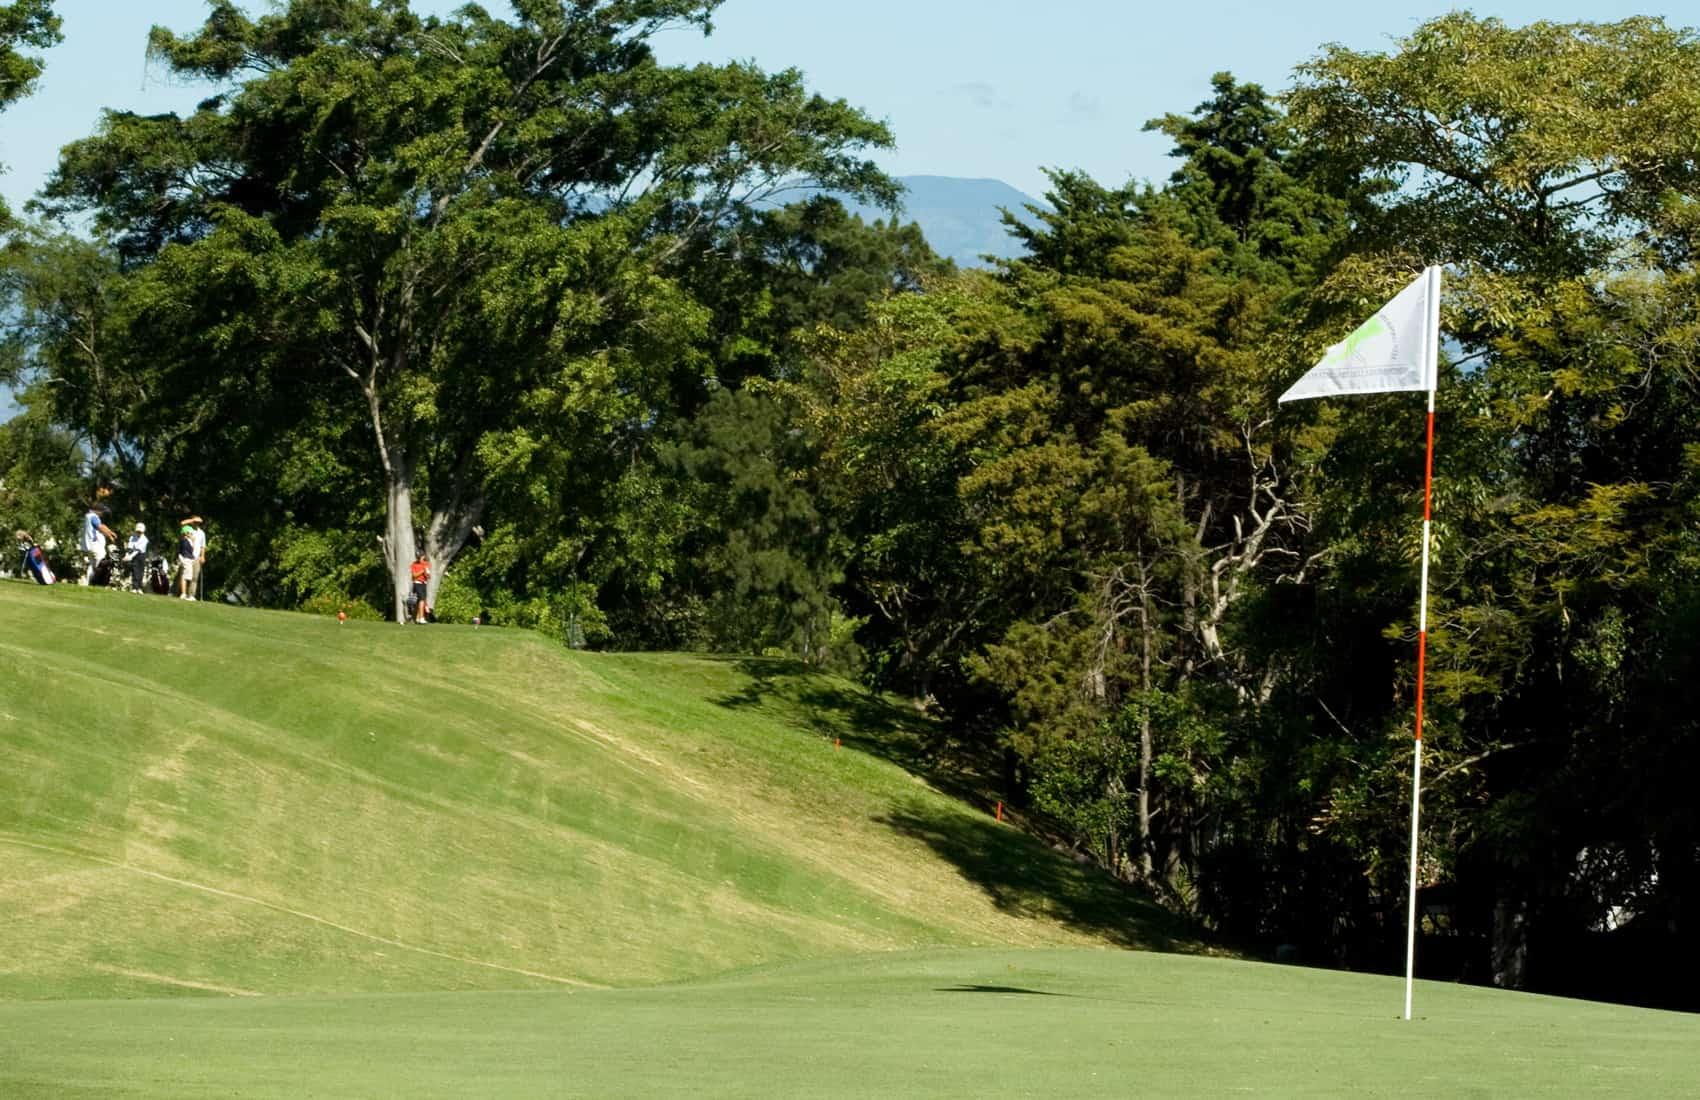 Golf course in Guanacaste